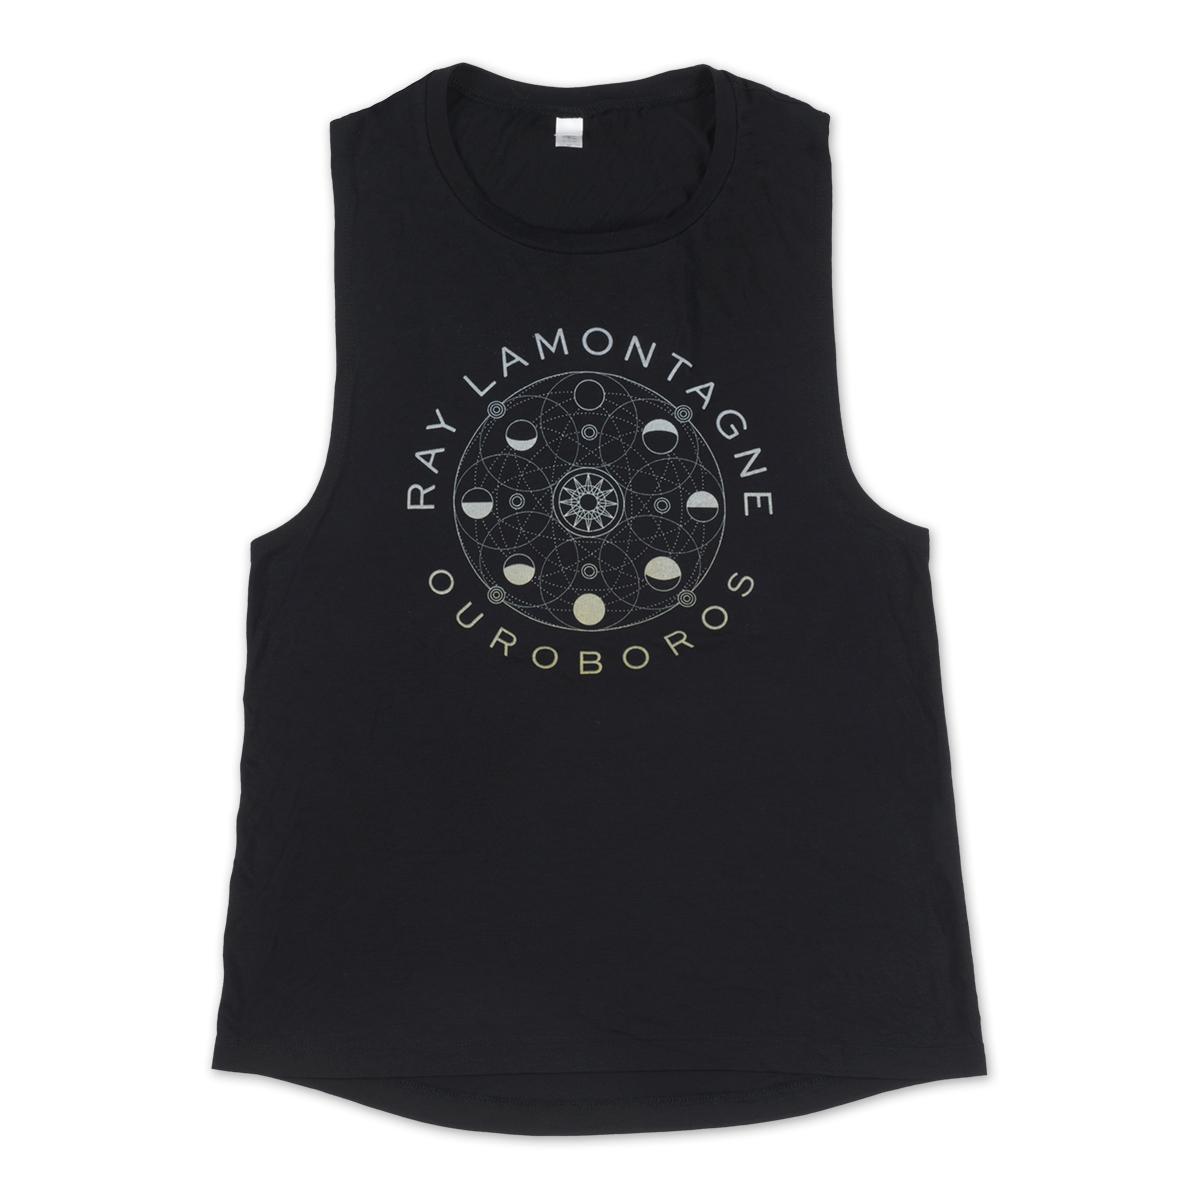 Ray LaMontagne Ouroboros Ladies Tank Top